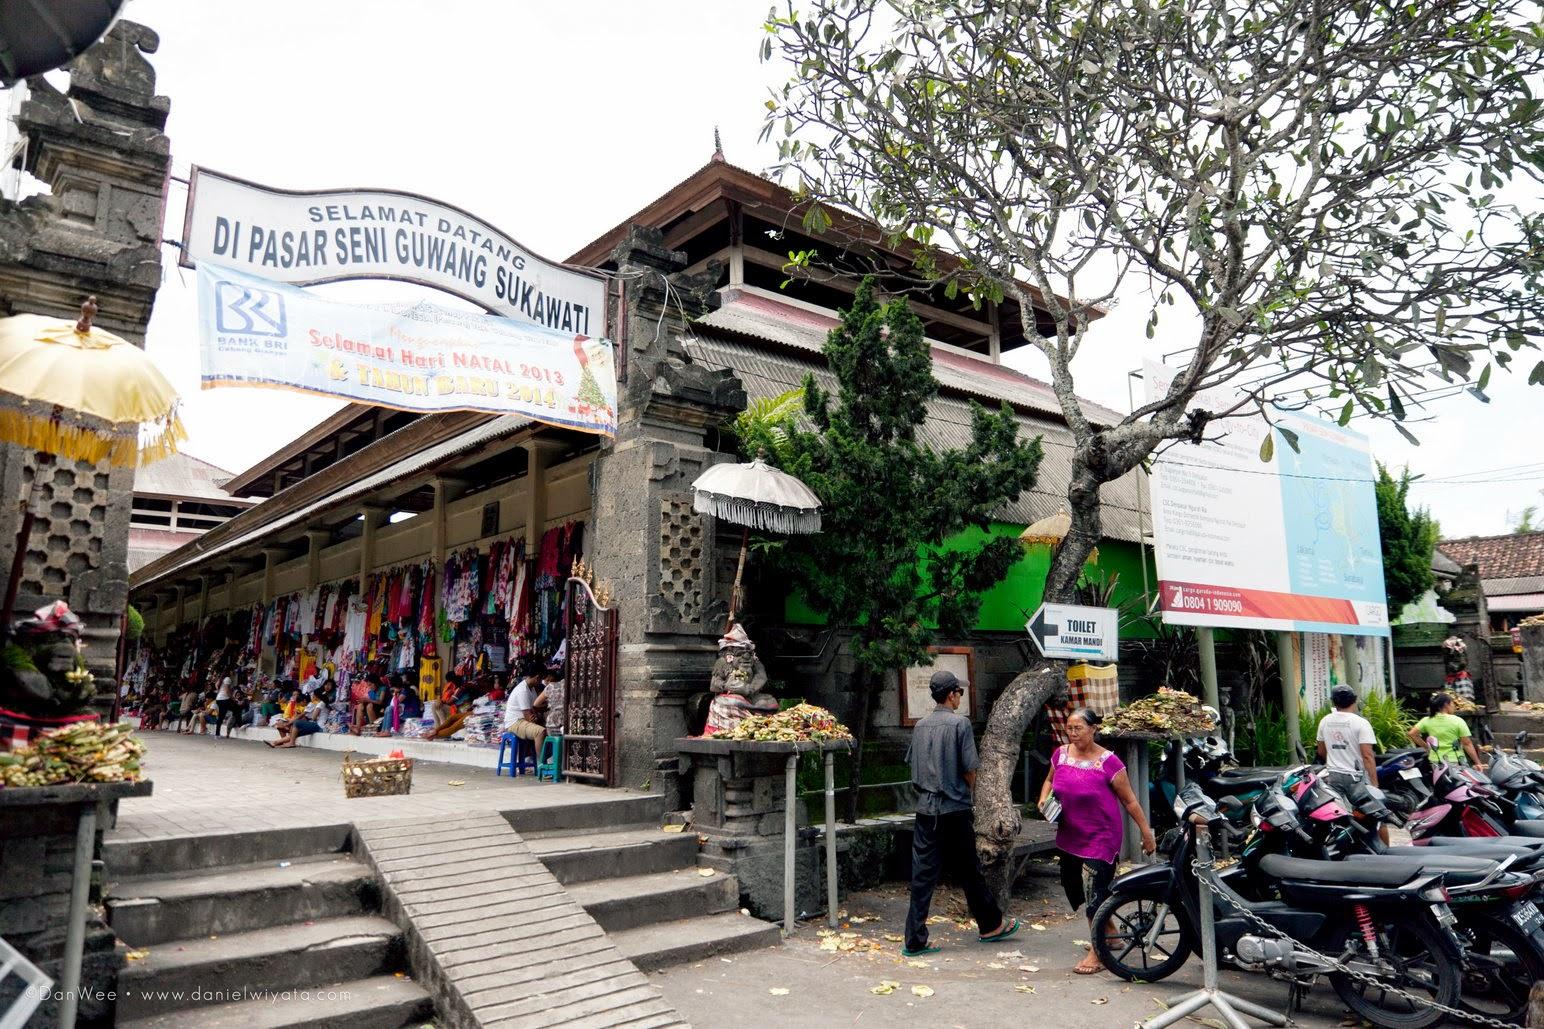 Wisata Belanja Pulau Bali Wajib Kamu Kunjungi Pasar Sukawati Kab